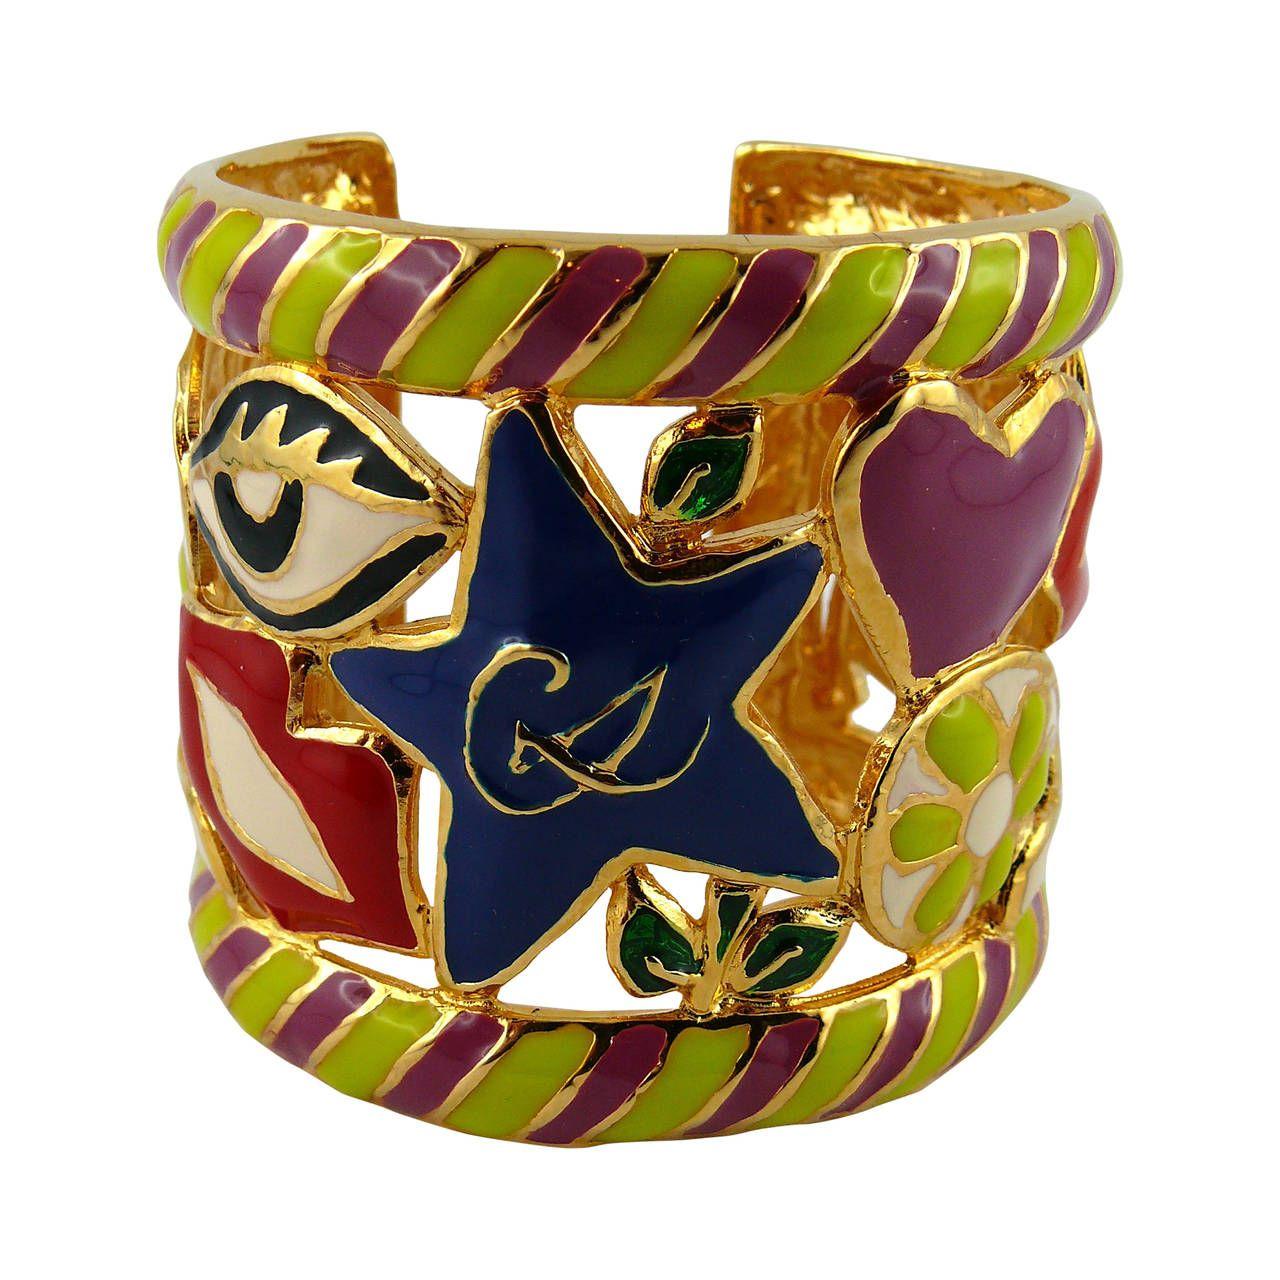 Christian Lacroix Vintage Rare Surrealist Enamel Cuff Bracelet Christian Lacroix Jewelry Christian Lacroix Enamel Cuff